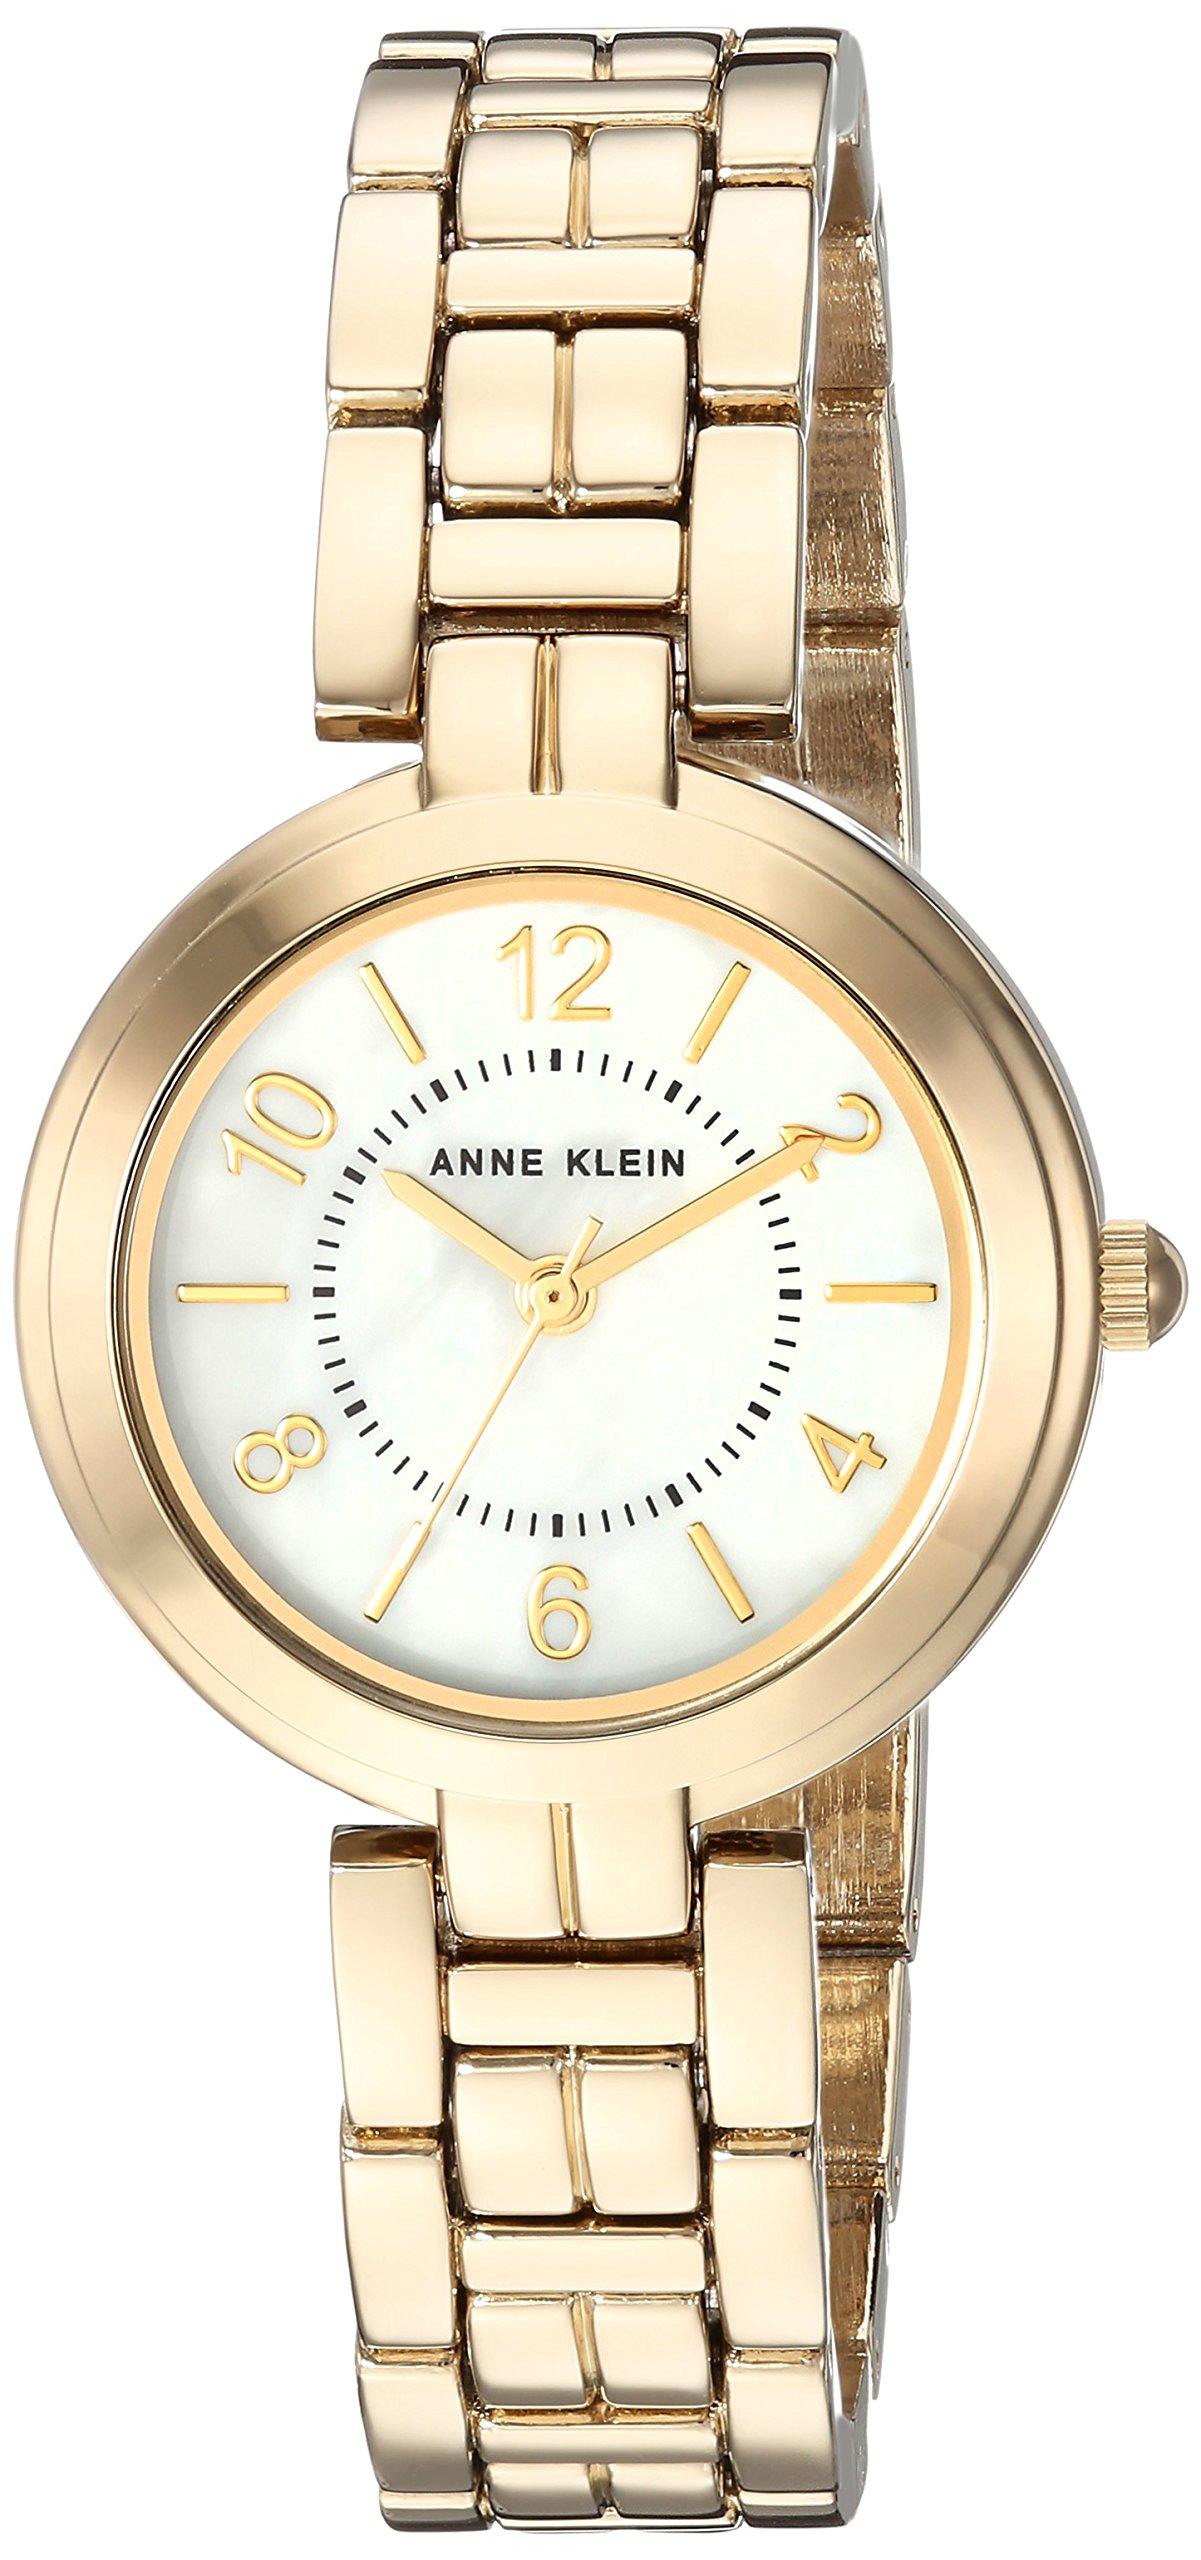 Anne Klein Women's  Gold-Tone Bracelet Watch by Anne Klein